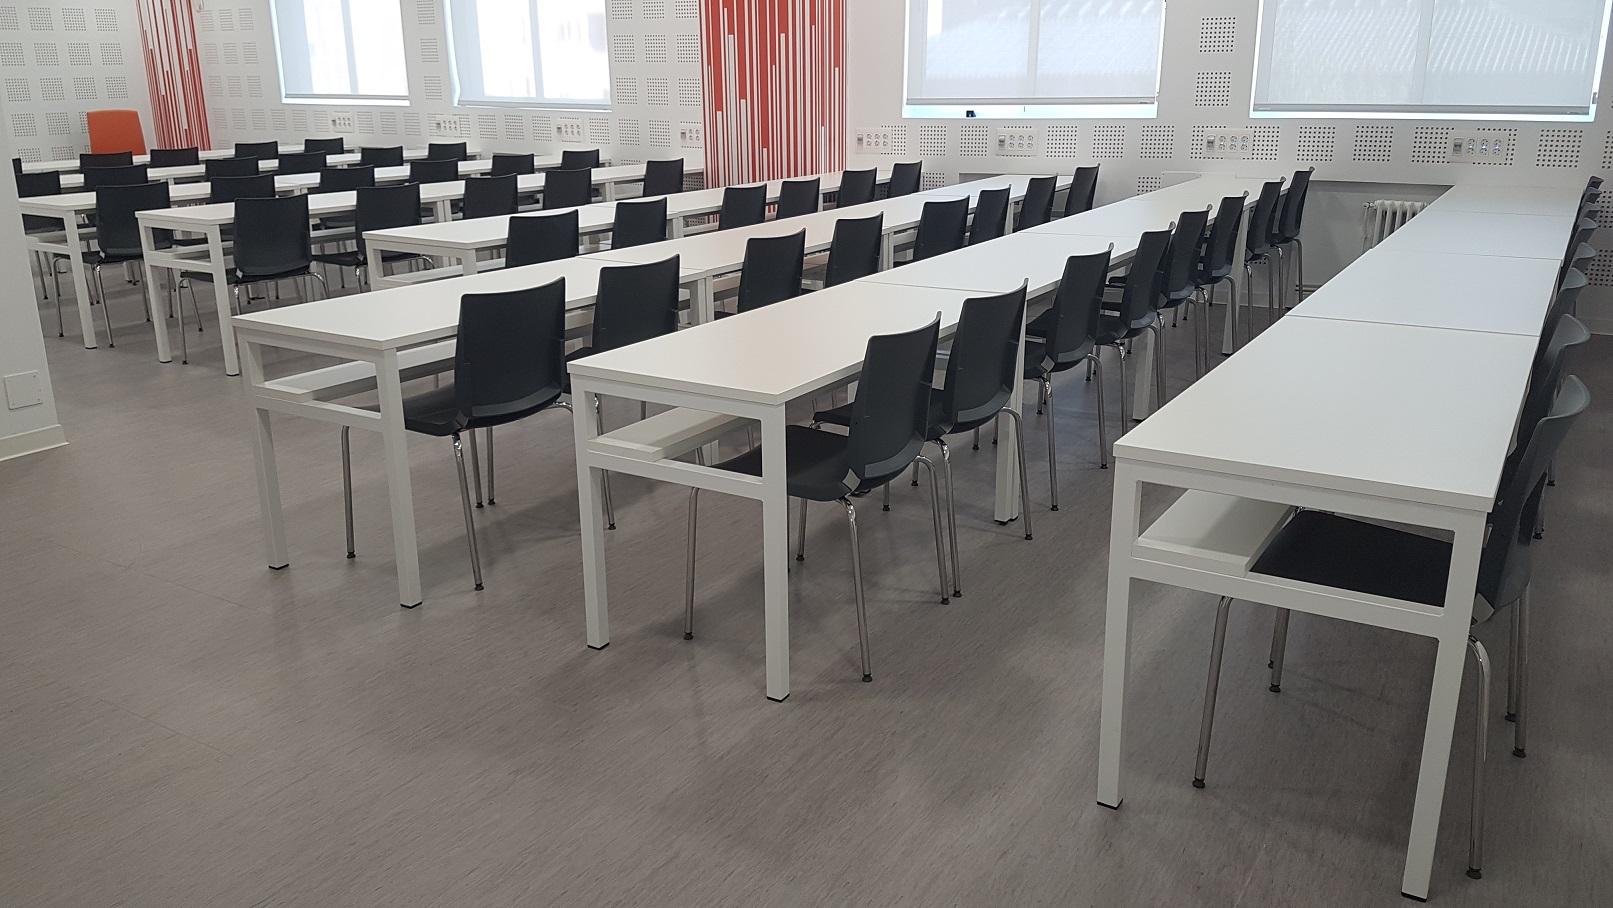 Proyectos de oficina en Sevilla: Diseño de salas de reuniones y trabajo